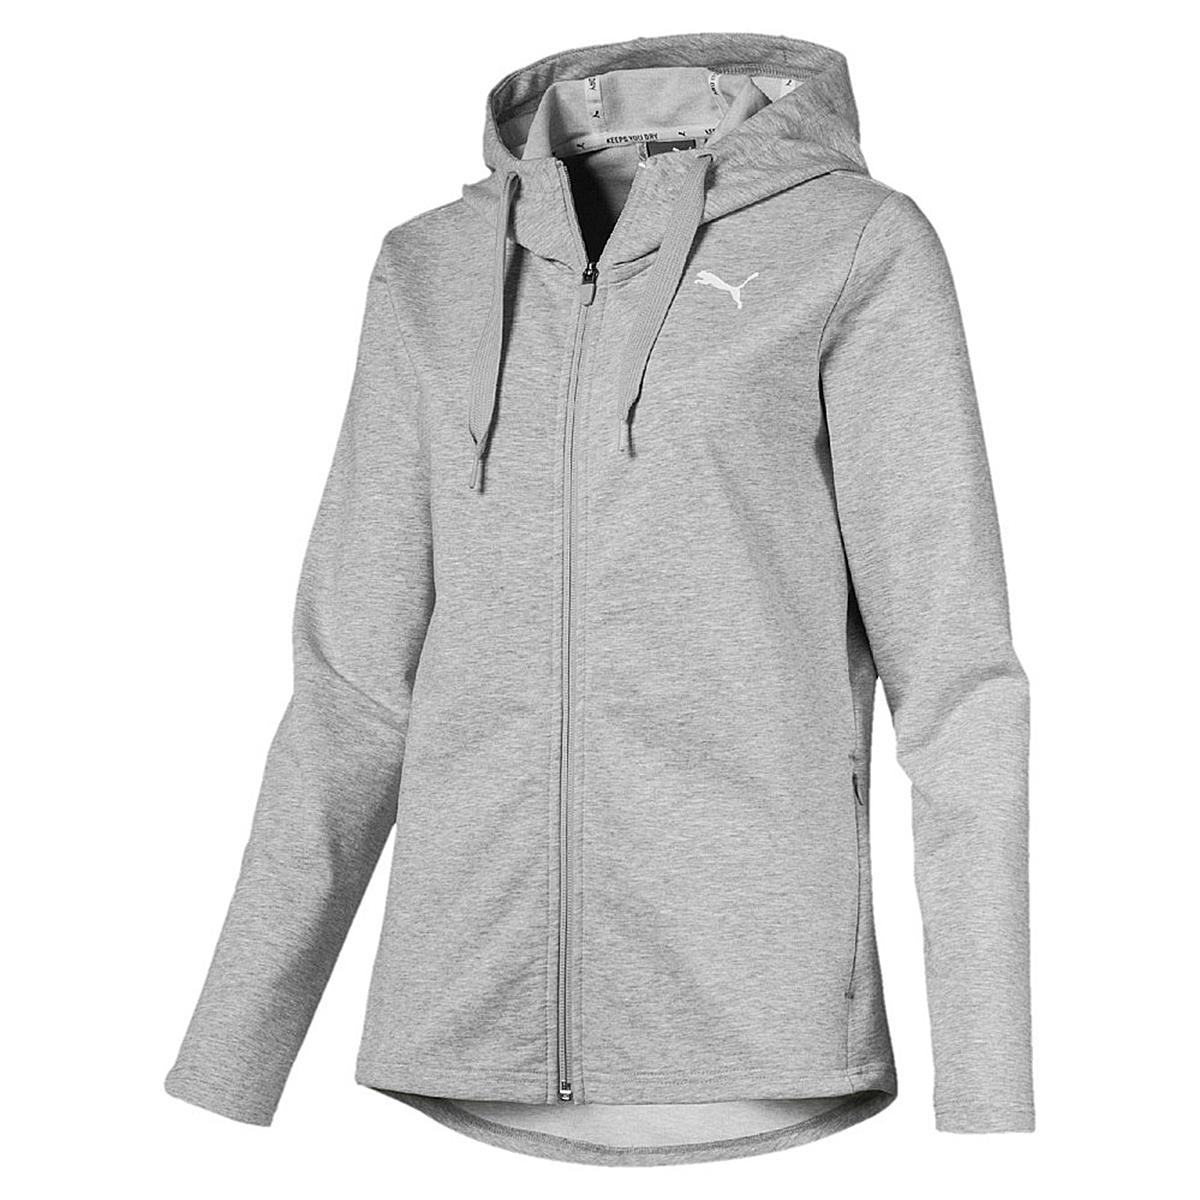 Sweatshirts von Puma für Frauen günstig online kaufen bei